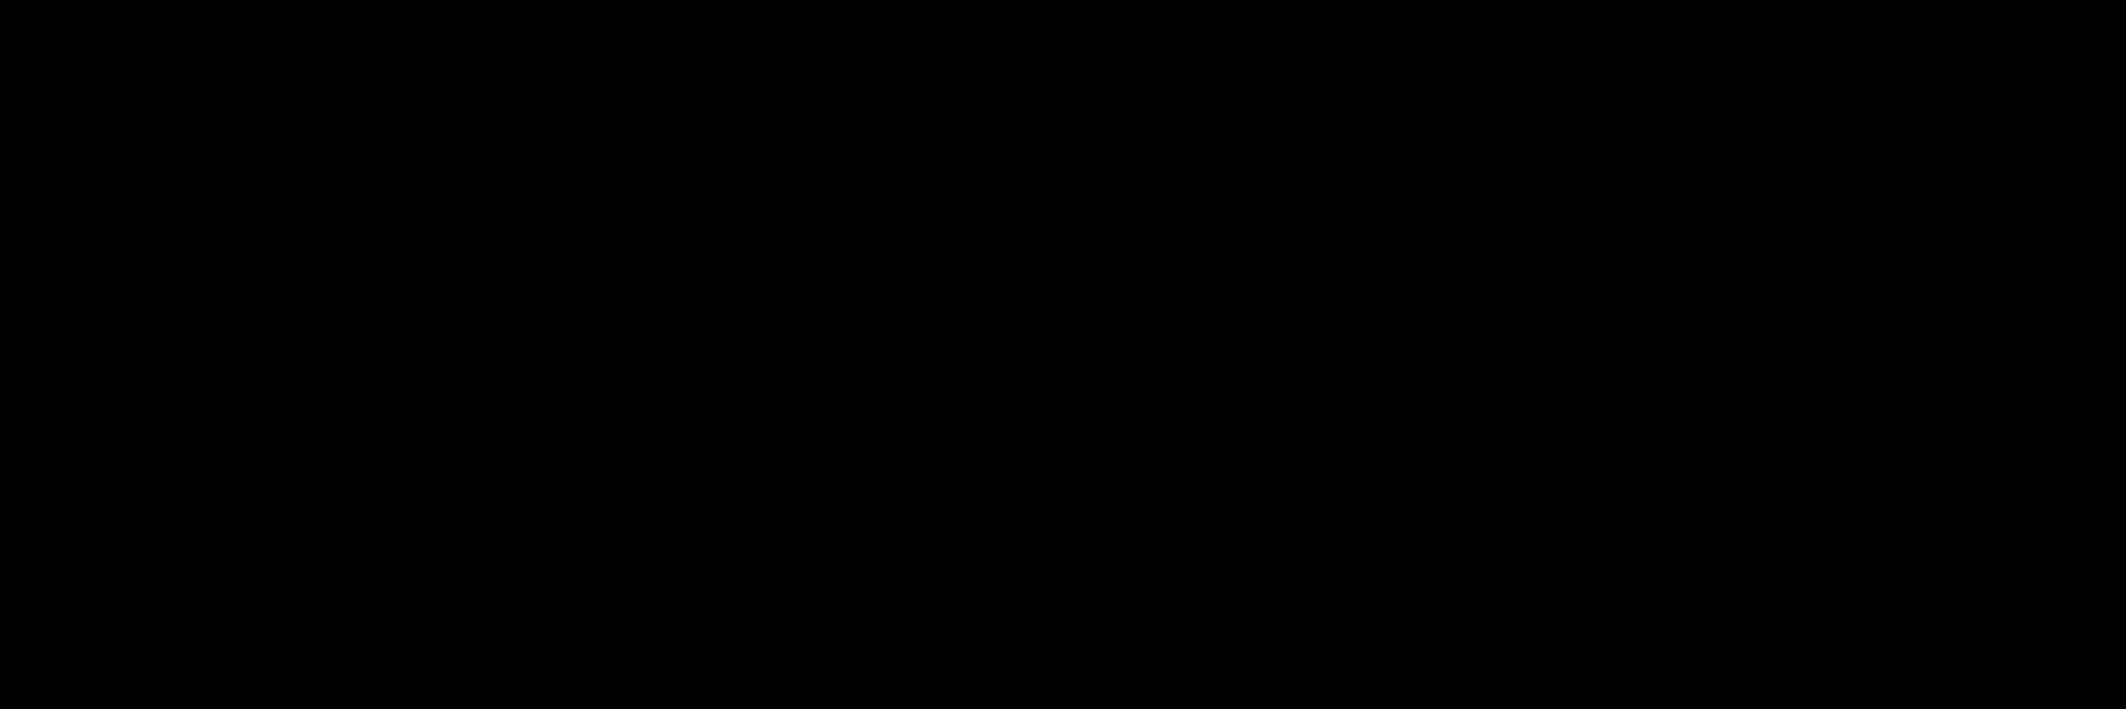 AT21B